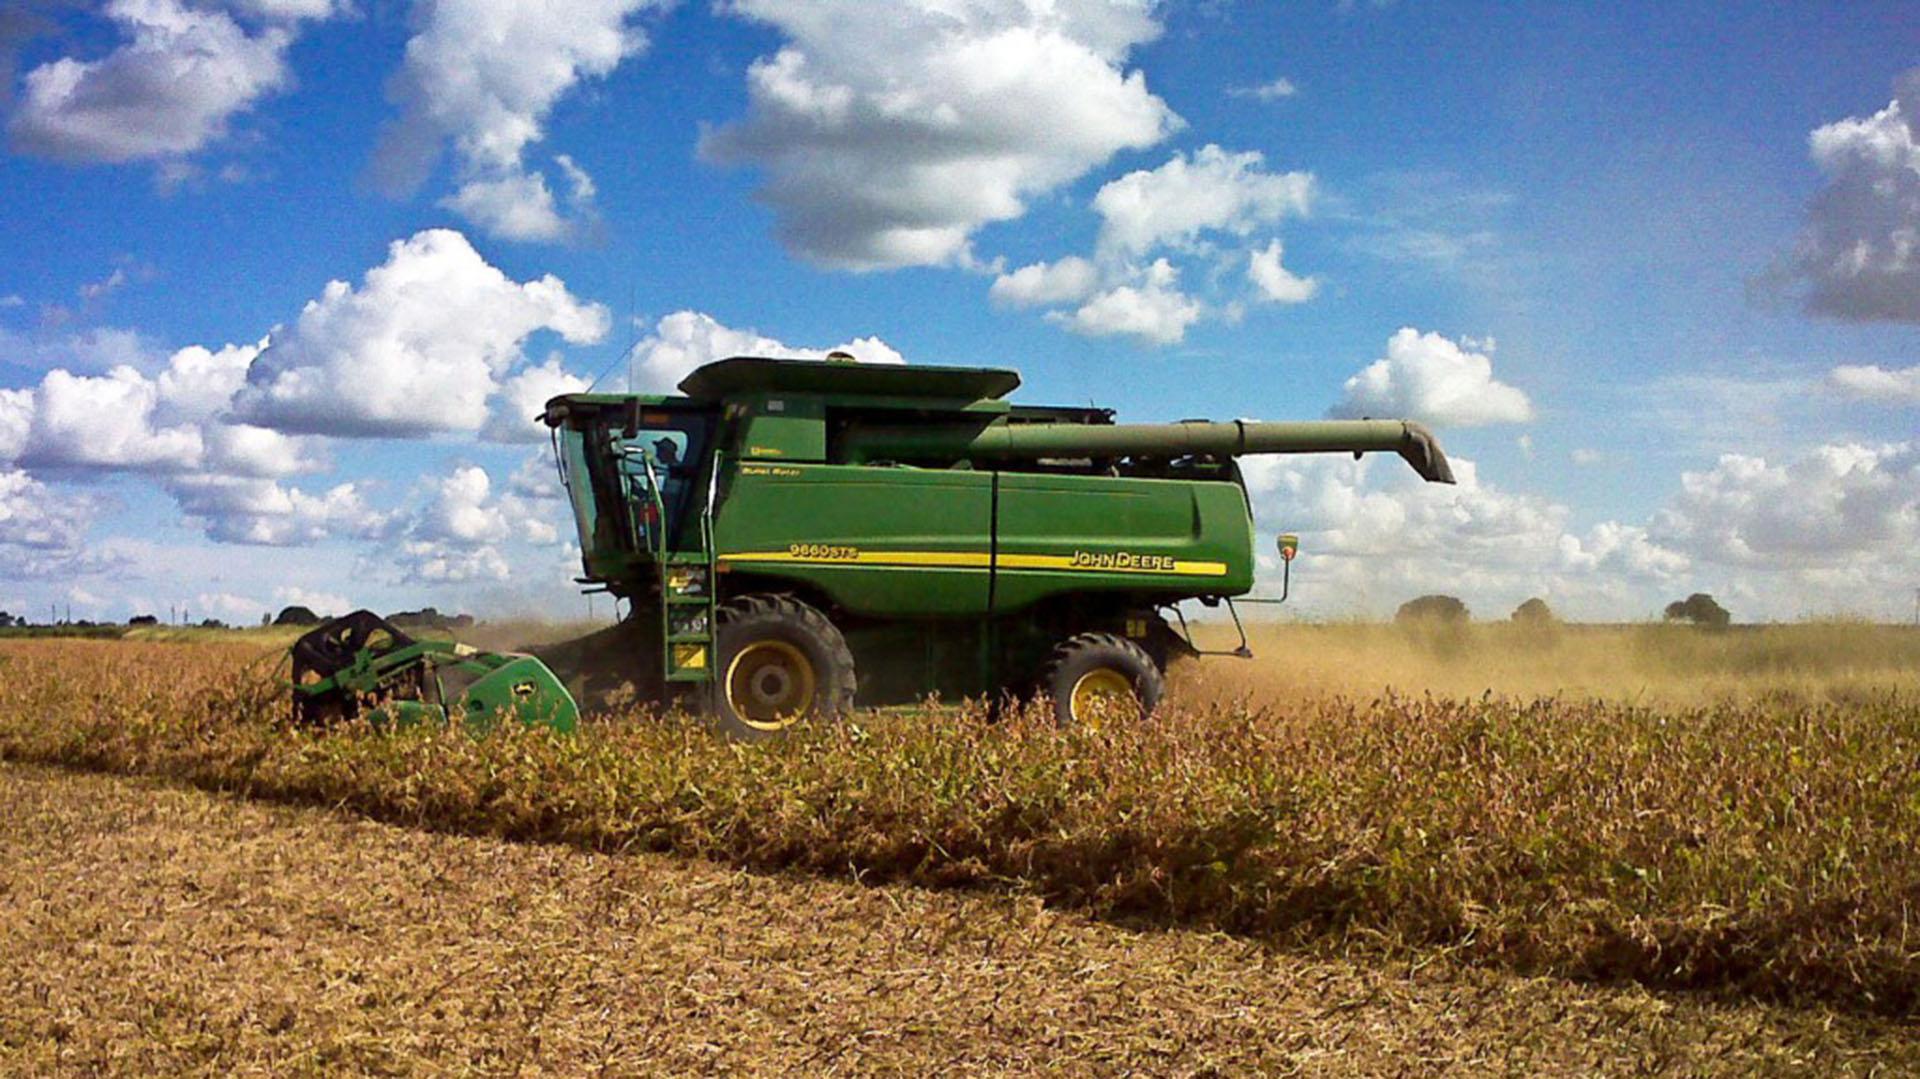 Con cotizaciones más firmes, el maíz avanza sobre la soja que va perdiendo área sembrada frente al grano comercial